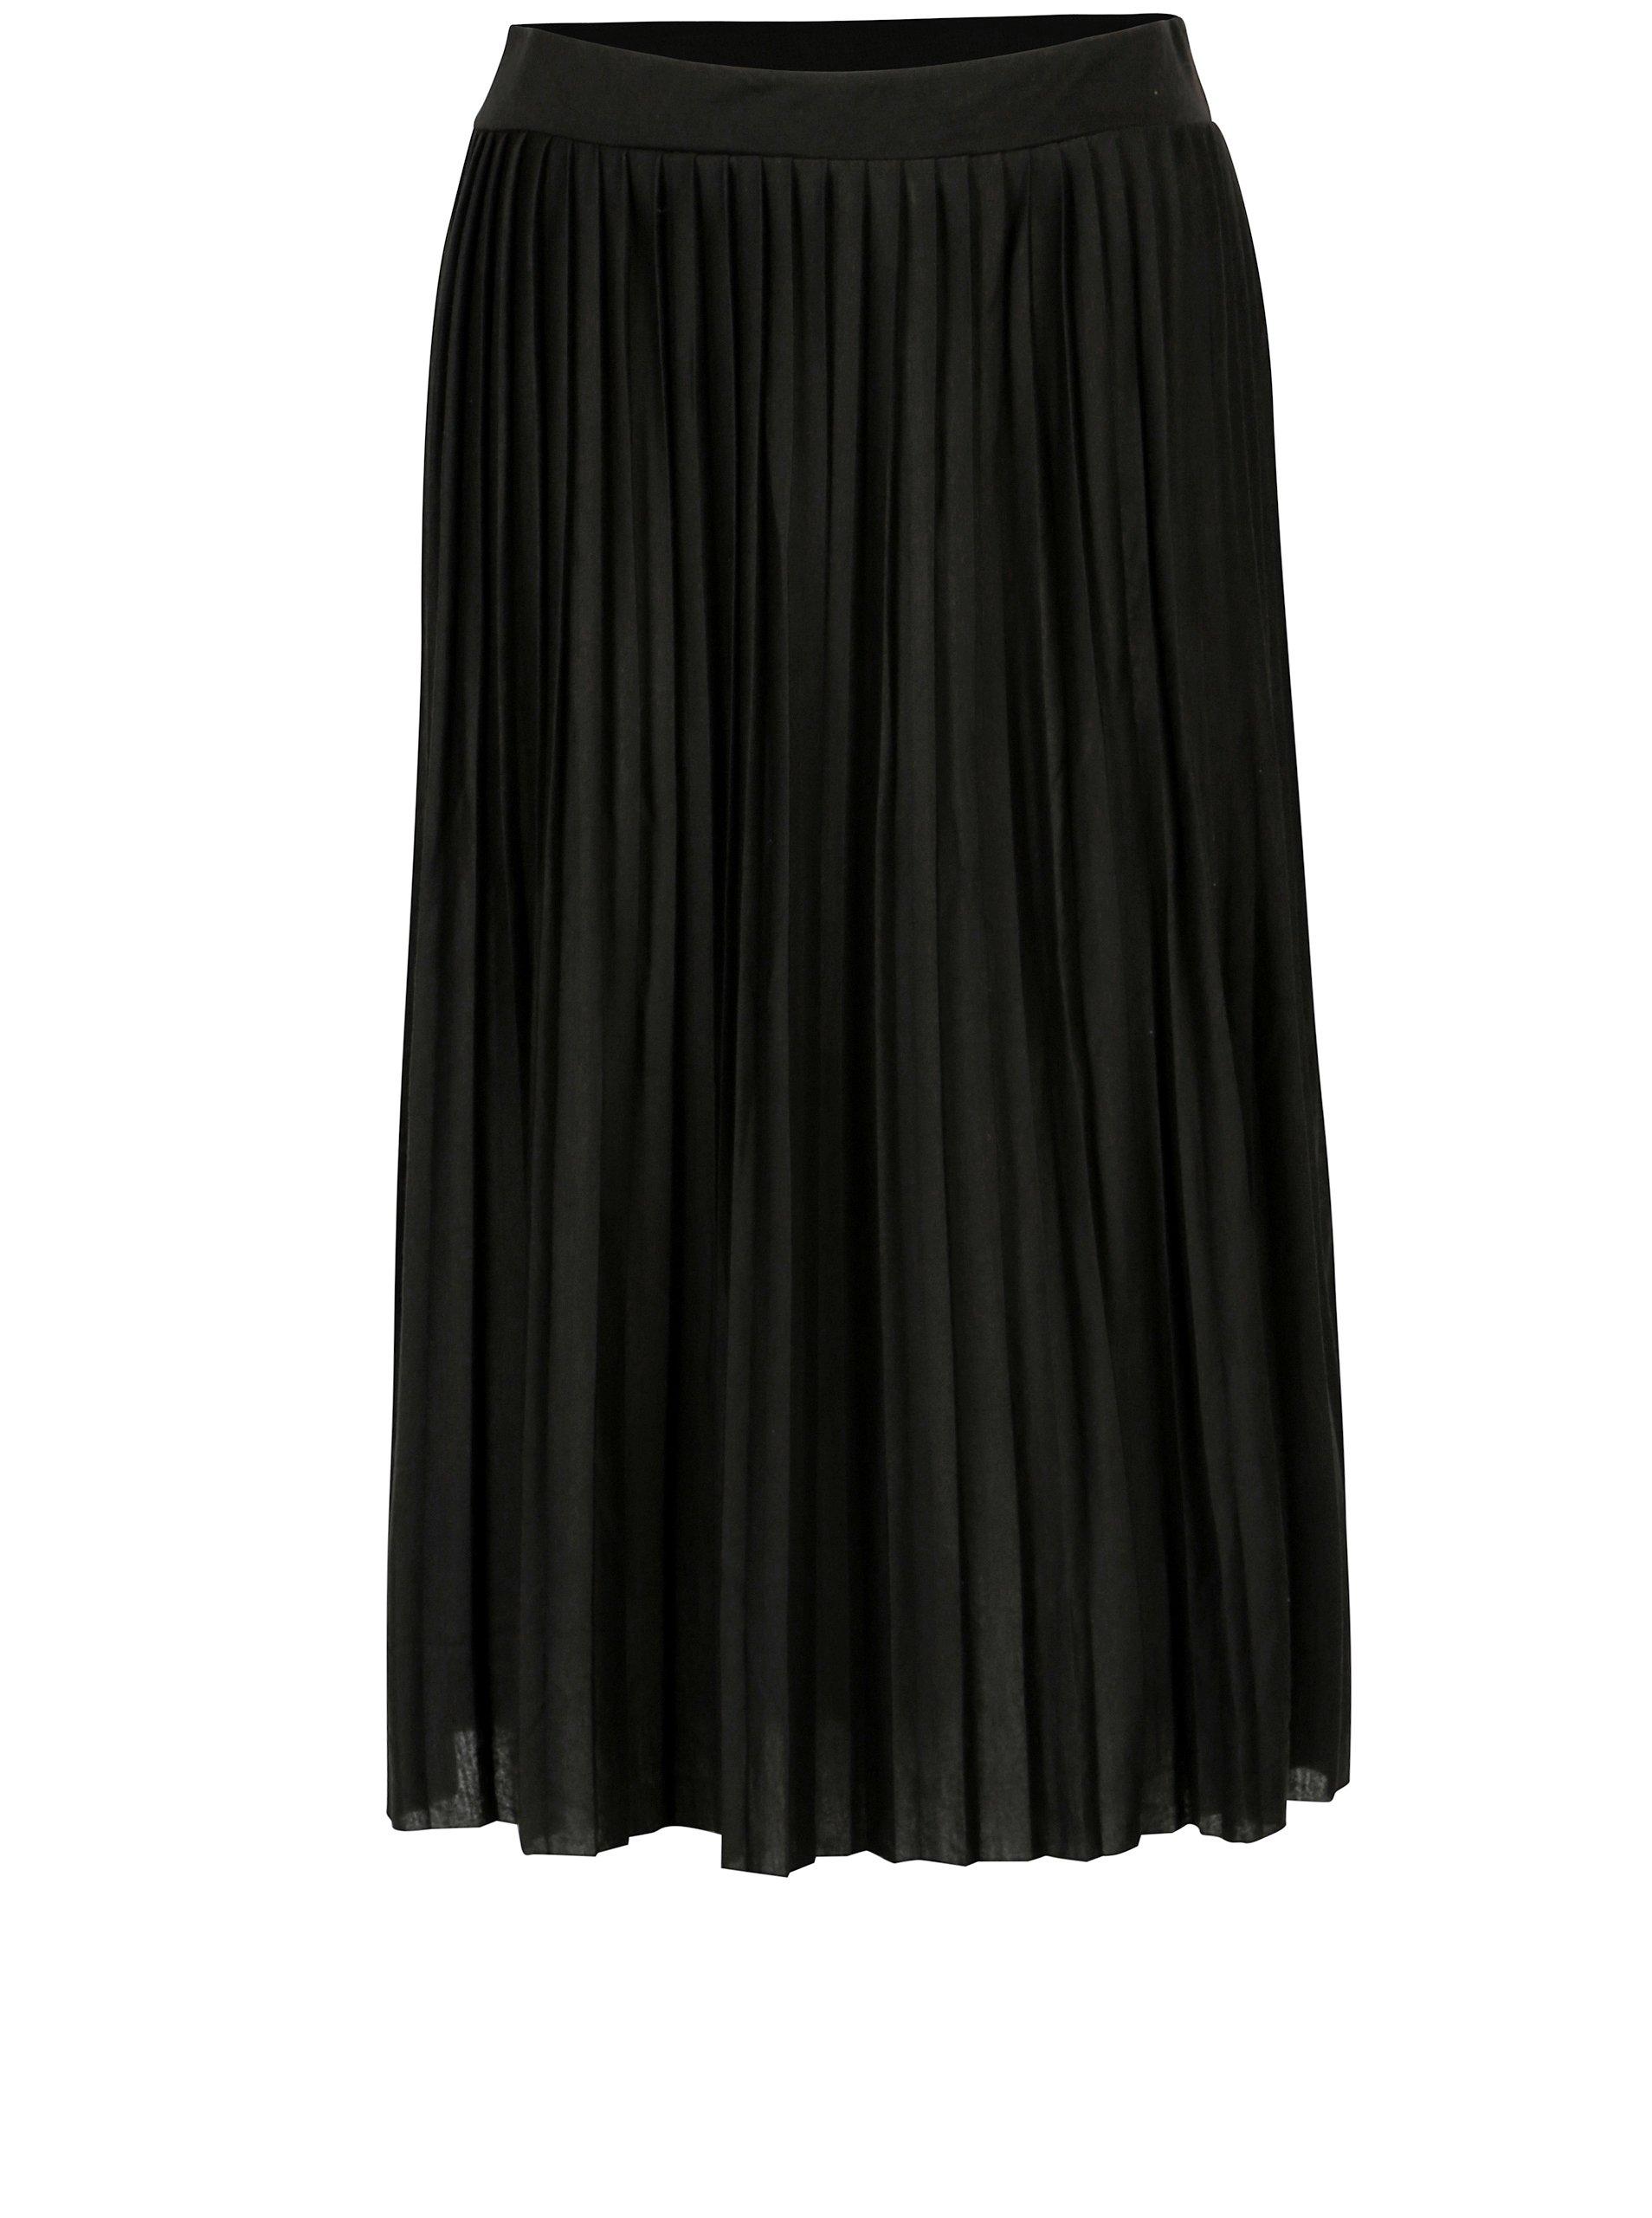 8f7b78e84972 Čierna plisovaná sukňa Haily s Fiona